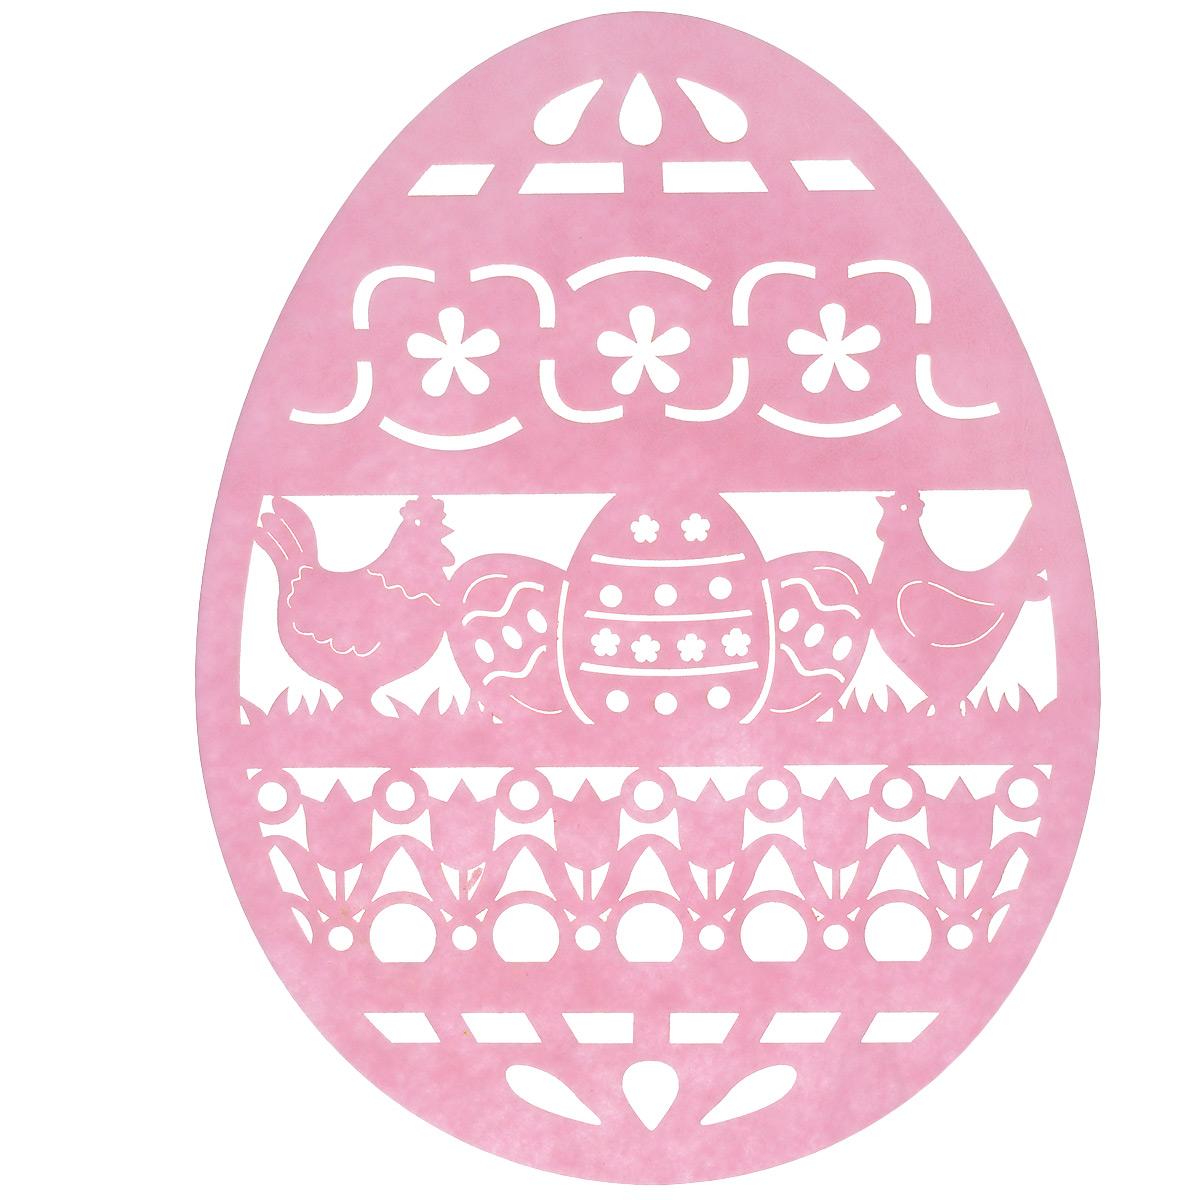 Салфетка Home Queen Веселый праздник, цвет: розовый, 25 х 33 х 0,2 см54 009312Салфетка Home Queen Веселый праздник изготовлена из фетра, выполнена в форме яйца и имеет красивую перфорацию. Вы можете использовать салфетку для декорирования стола, комода, журнального столика. В любом случае она добавит в ваш дом стиля, изысканности и неповторимости и убережет мебель от царапин и потертостей. Размер салфетки: 25 см х 33 см х 0,2 см.